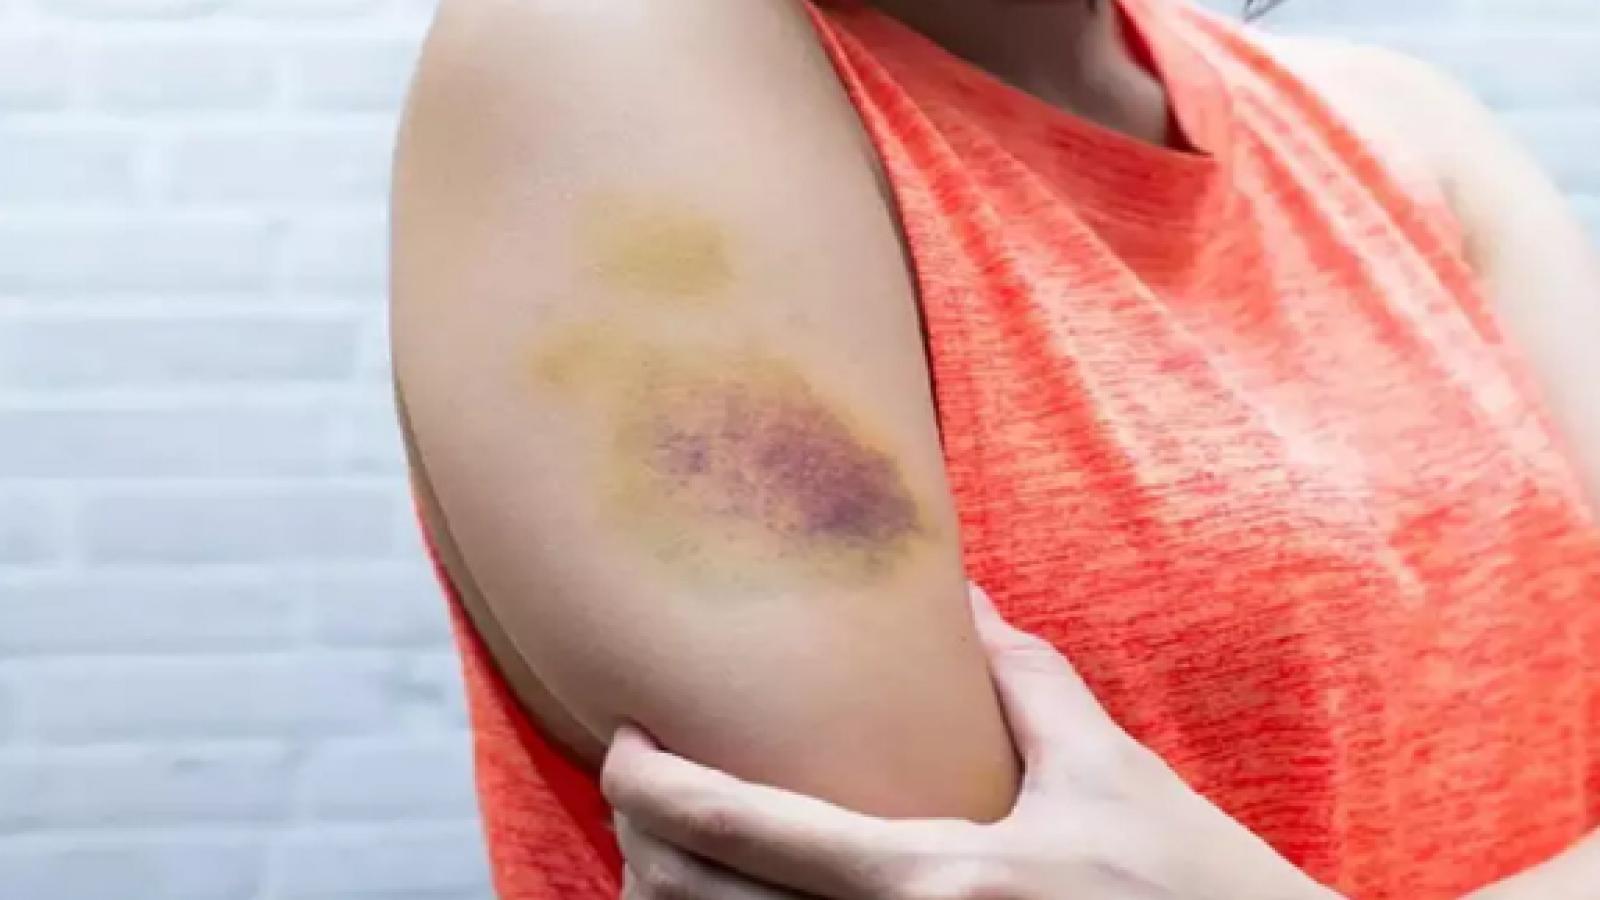 Tại sao bạn không bị chấn thương nhưng vẫn xuất hiện các vết bầm tím trên cơ thể?